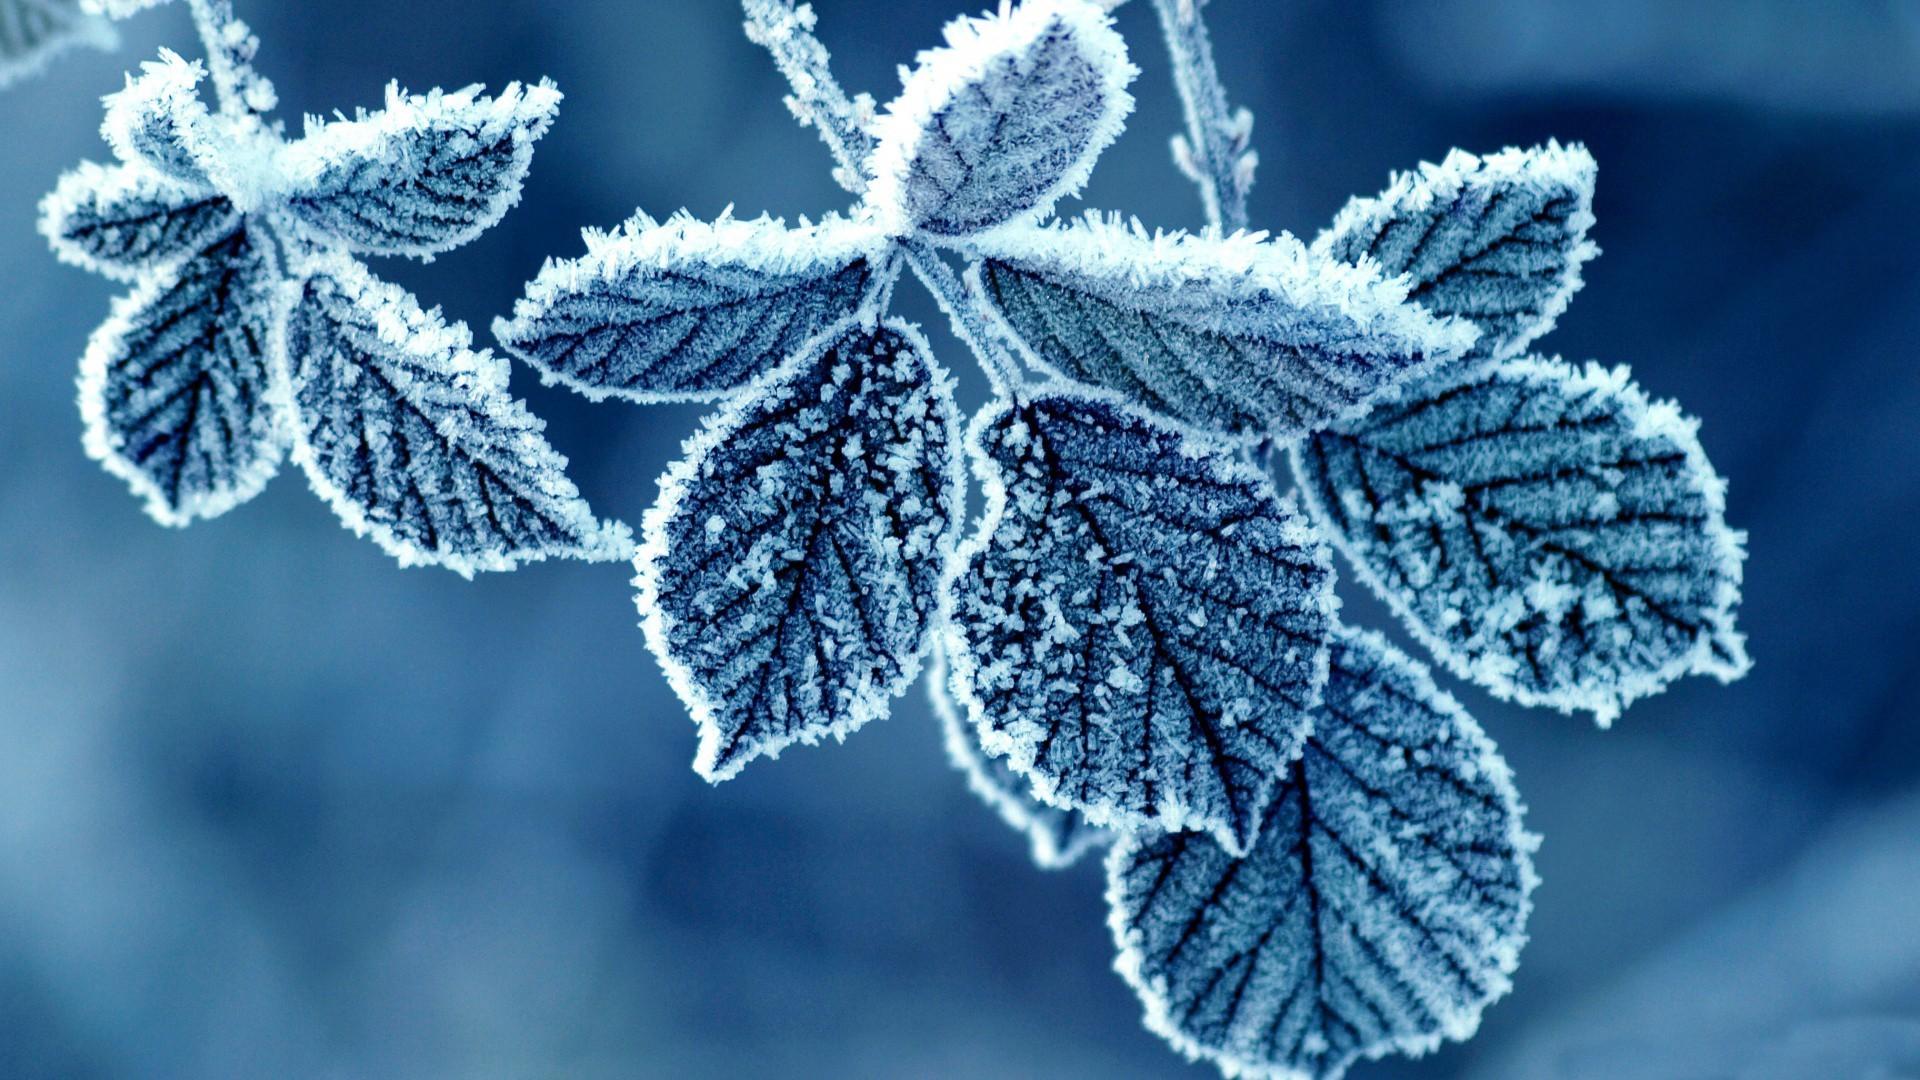 23542 скачать обои Зима, Фон, Листья, Снег - заставки и картинки бесплатно